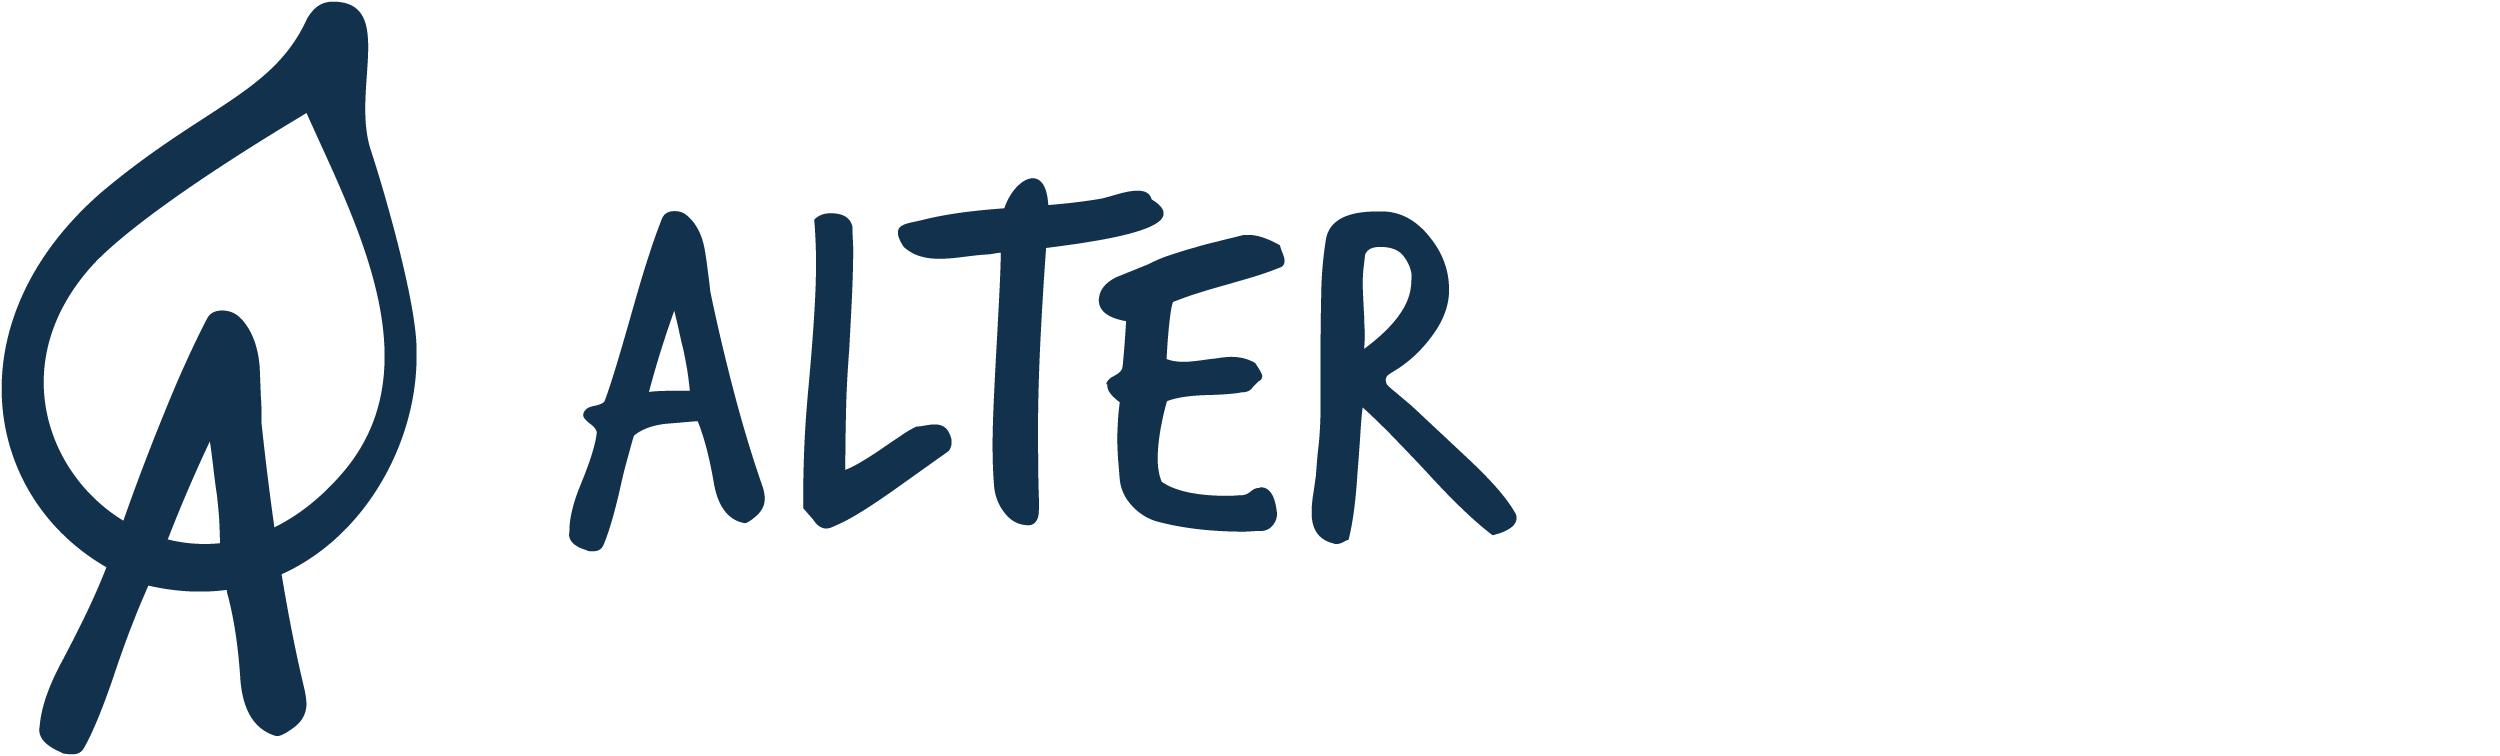 AlterNatur | Logo Menu Négatif